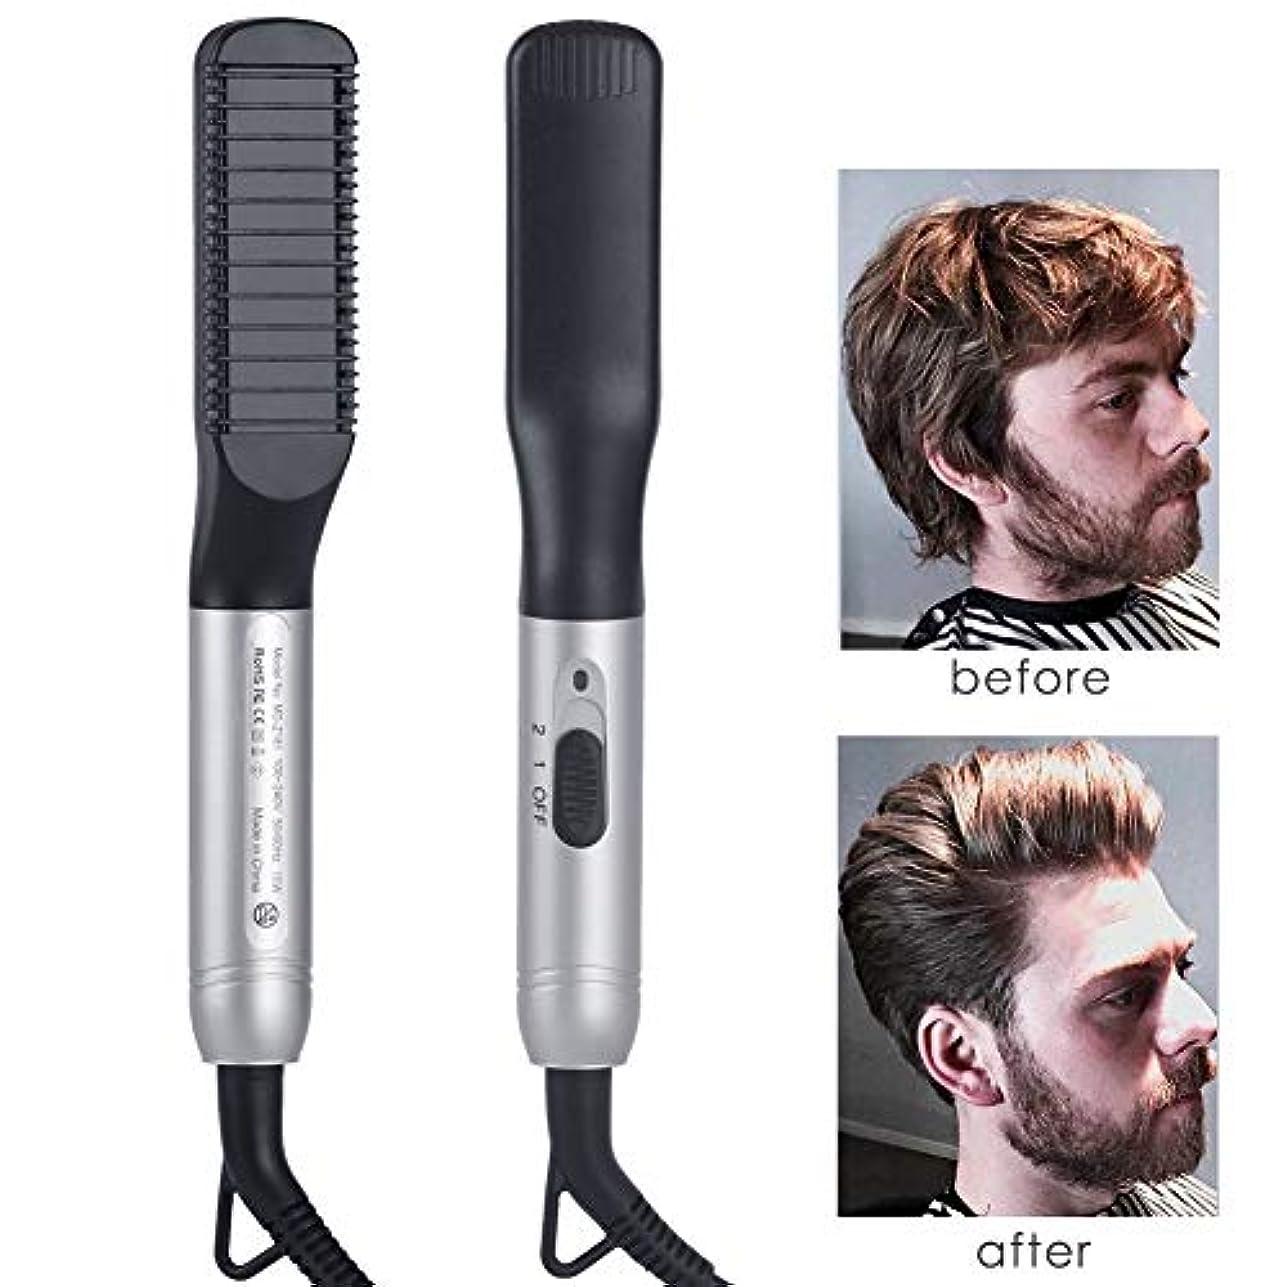 ひげ矯正ヘアブラシ、男性用電気女性ショートヘア矯正コーム、デュアルクイックヒーティングアンチスケーリング